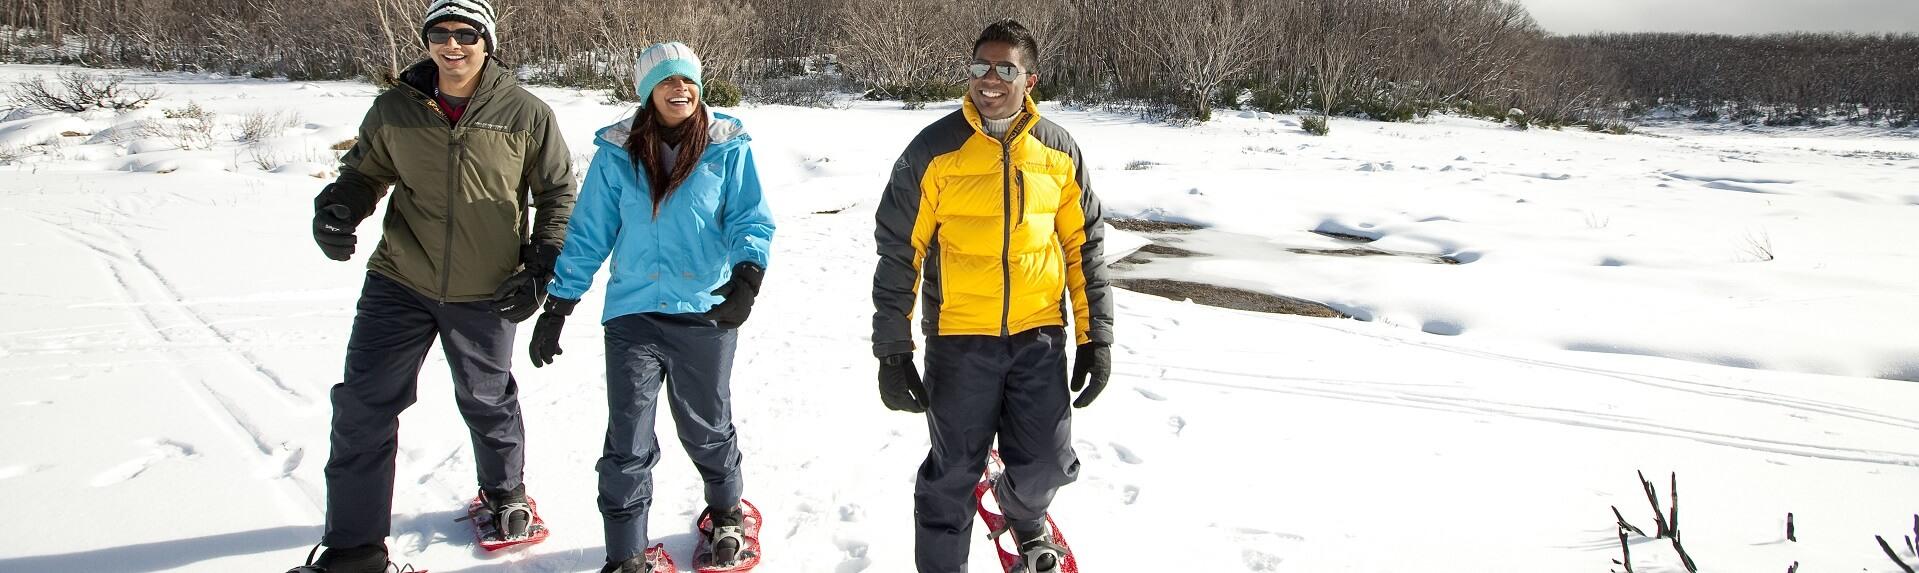 Lake Mountain Snow Tour from Melbourne